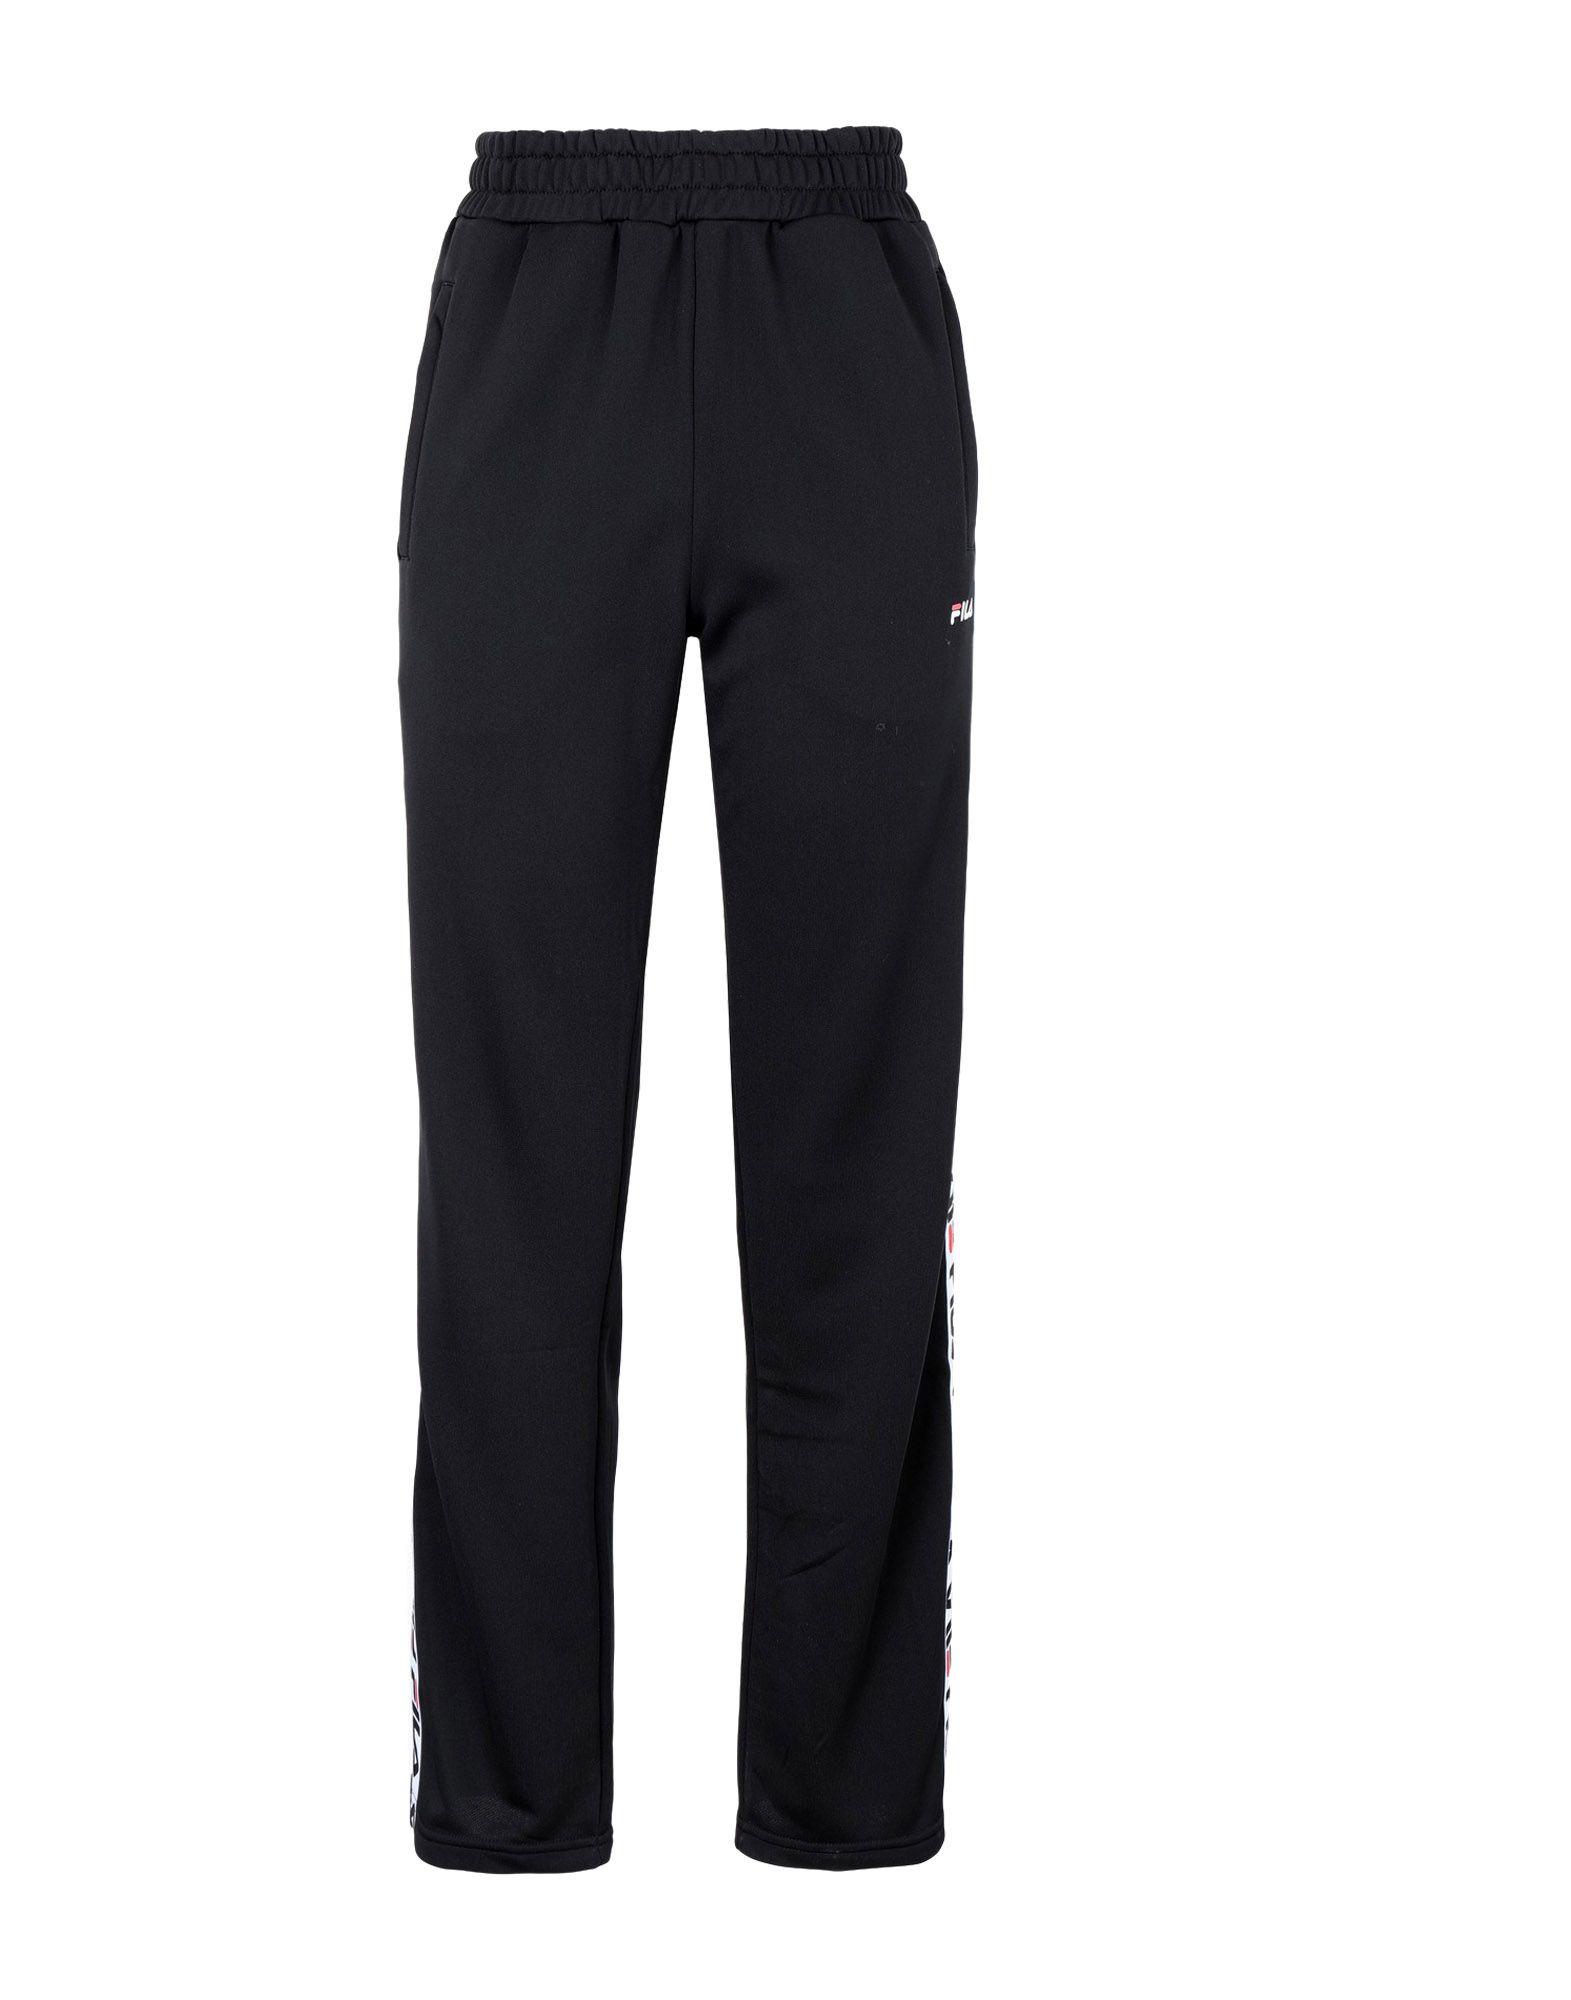 《送料無料》FILA HERITAGE レディース パンツ ブラック XS ポリエステル 100% THORA track pants